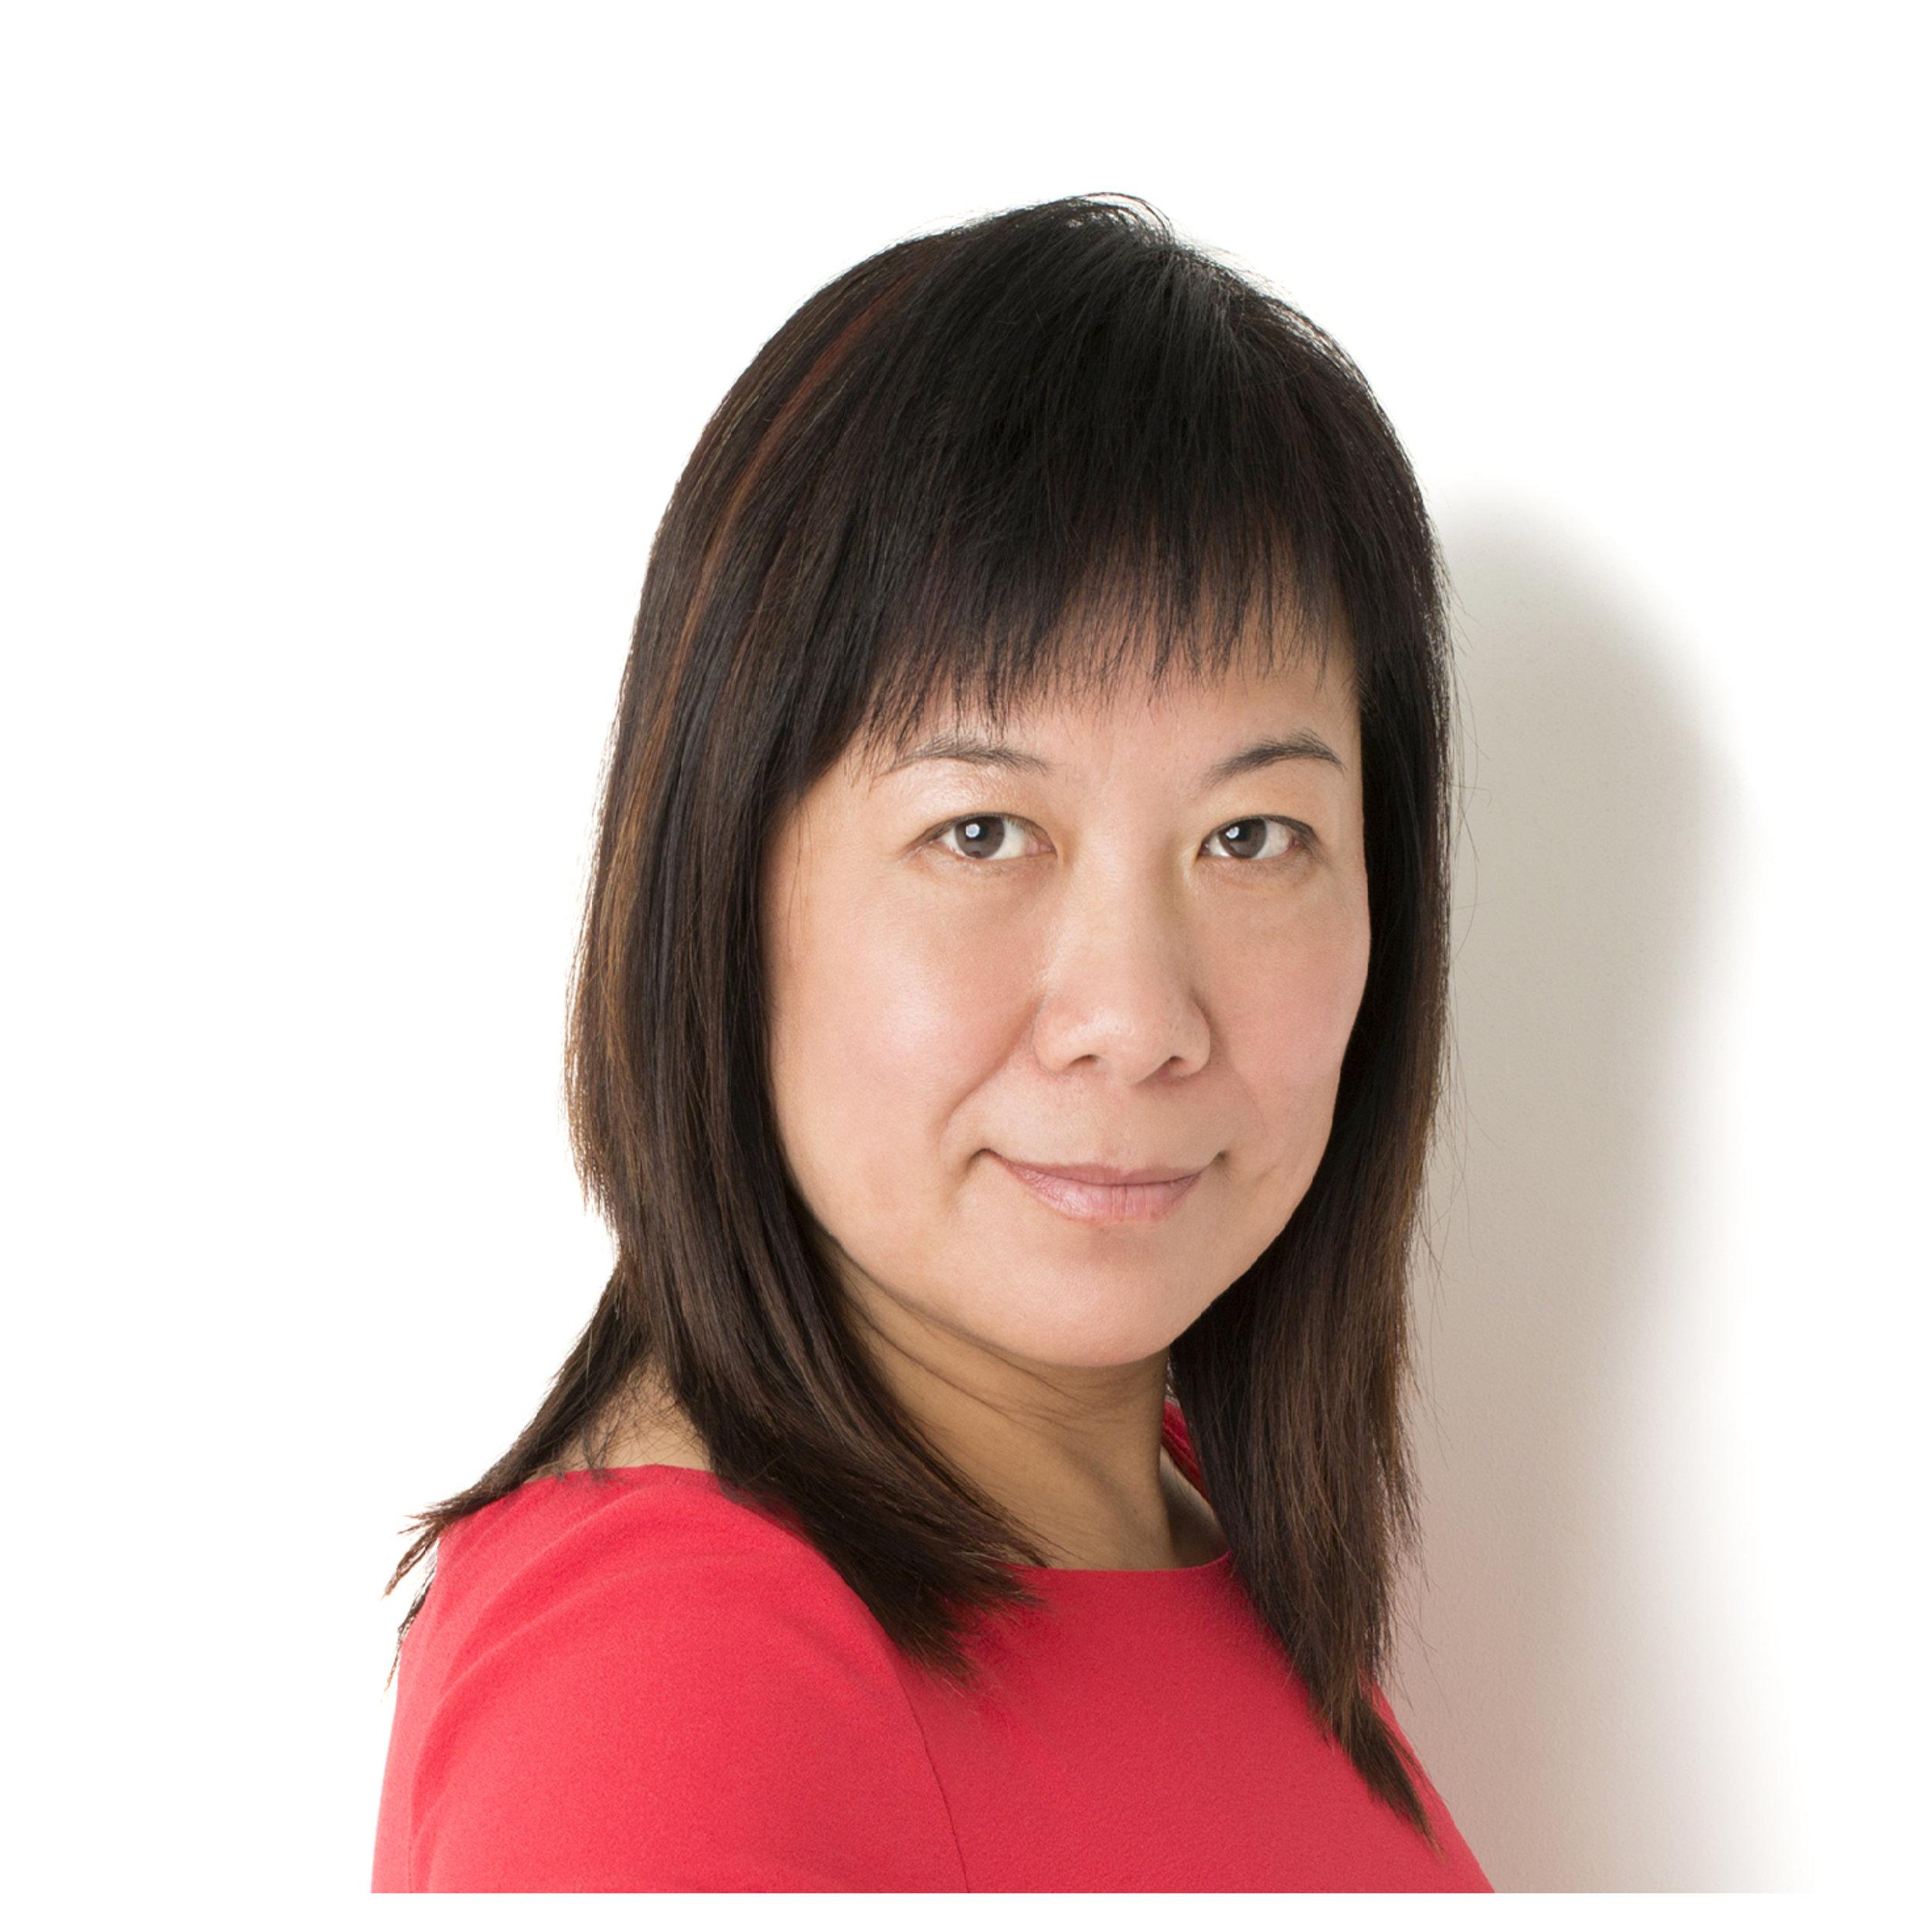 Fang Chen, Group Leader, Data61/CSIRO